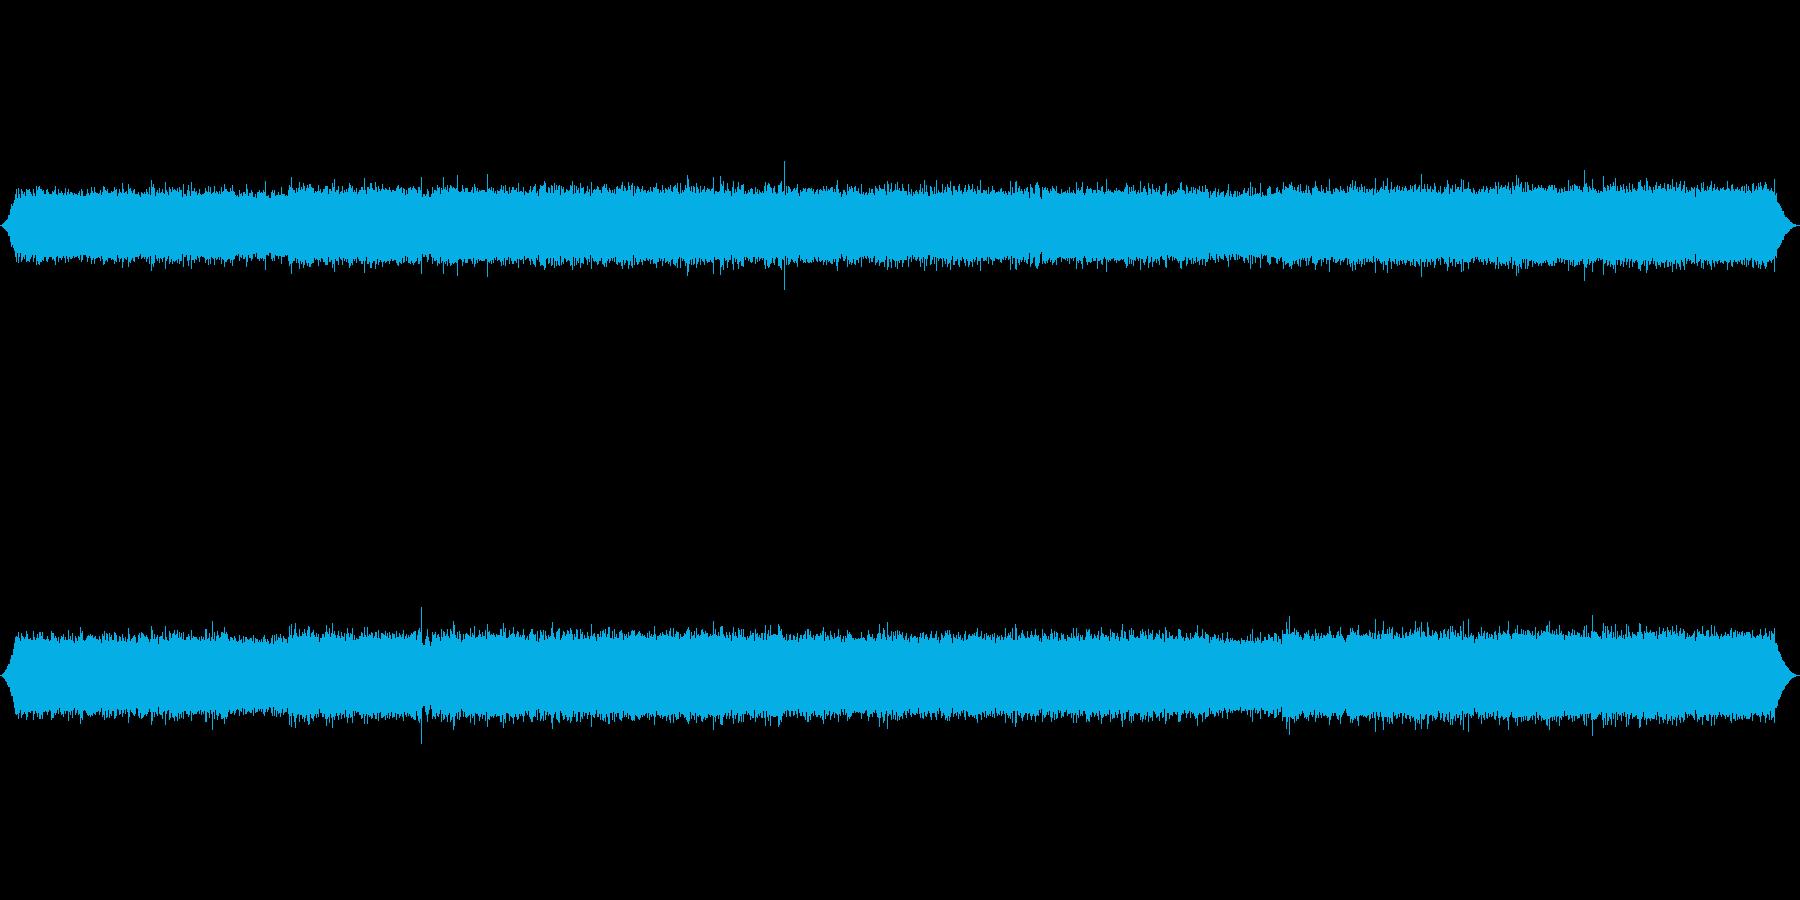 長野県小黒川渓流の音素材の再生済みの波形